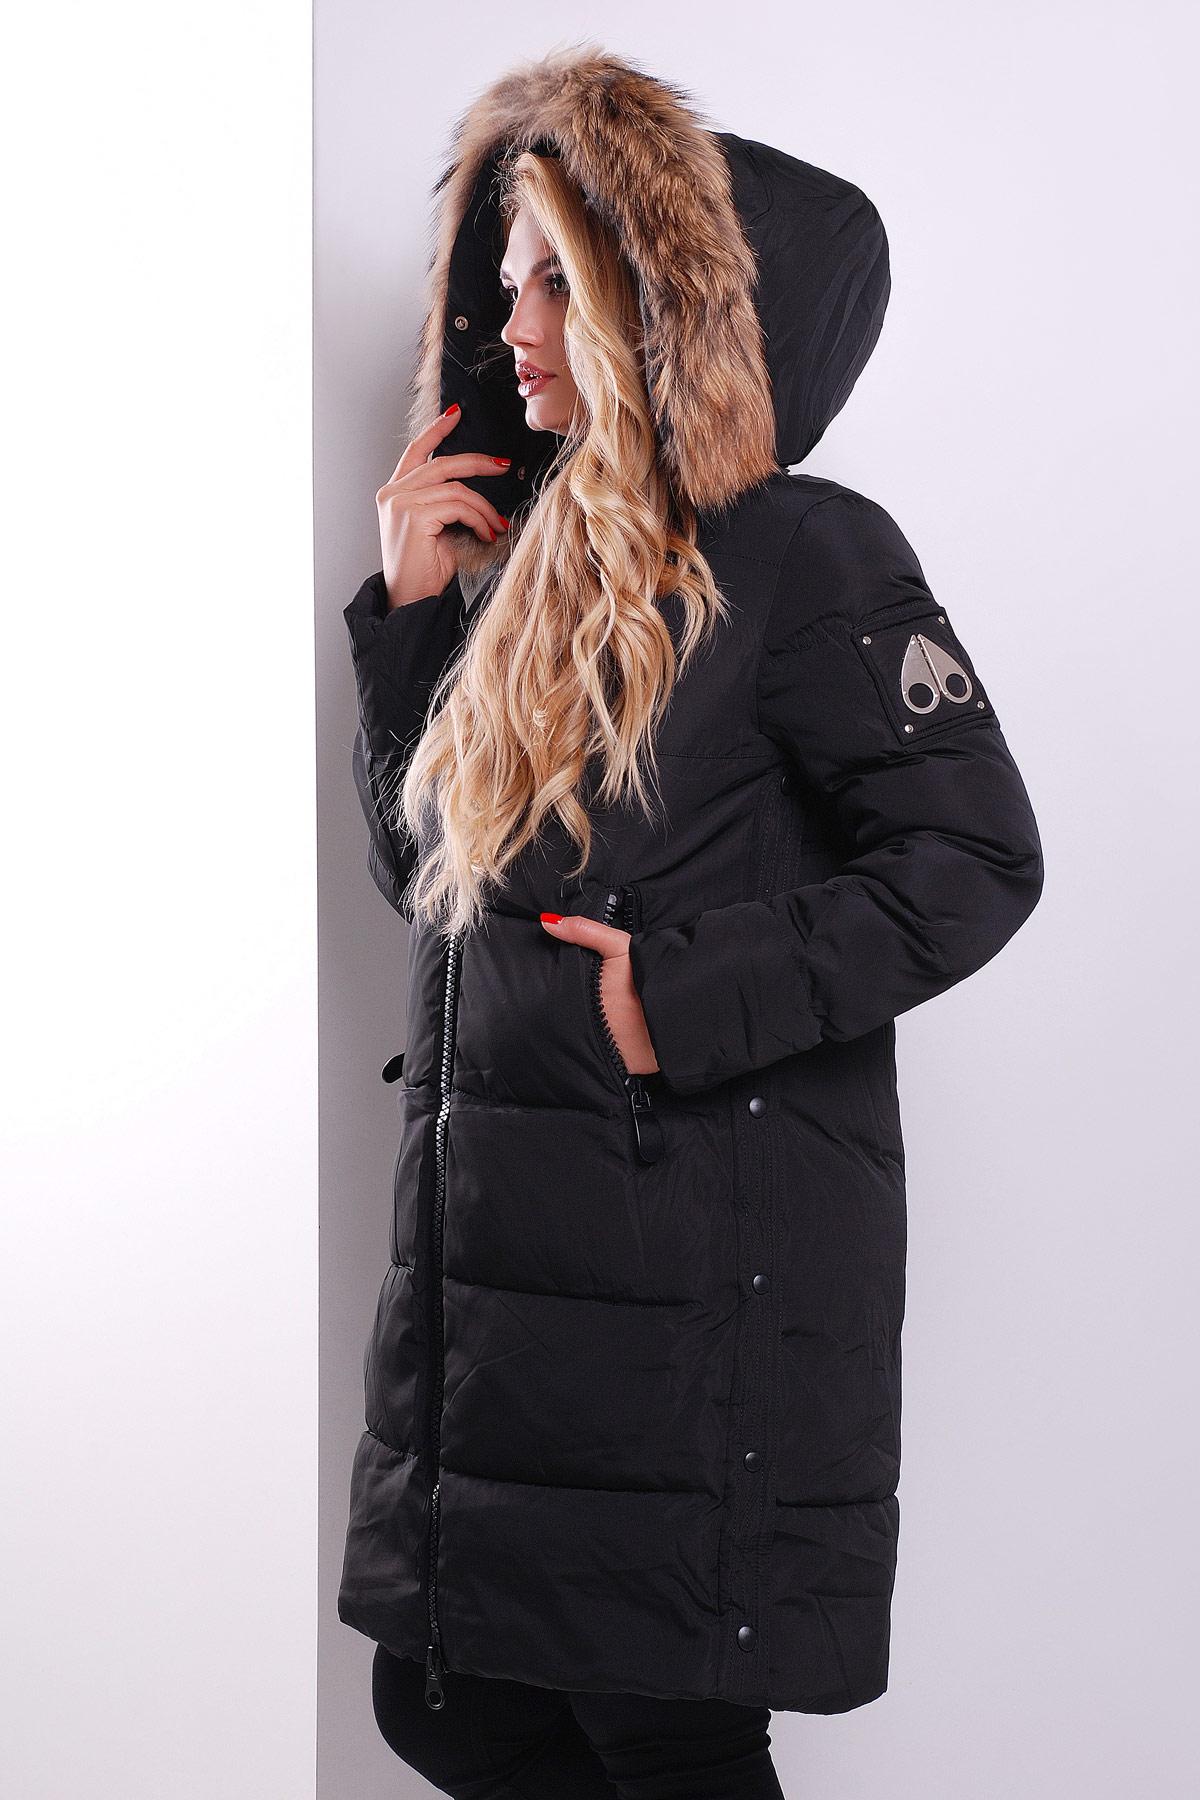 394f6a02fb9 Зимняя женская куртка черного цвета. Куртка 511. Цвет  черный